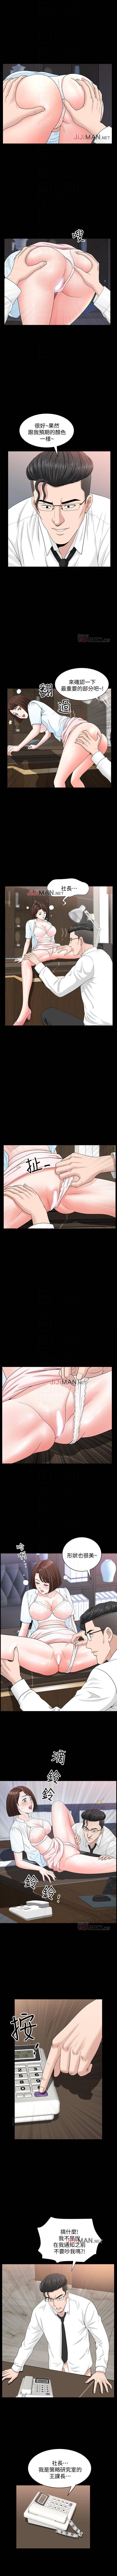 【周日连载】双妻生活(作者:skyso) 第1~23话 110